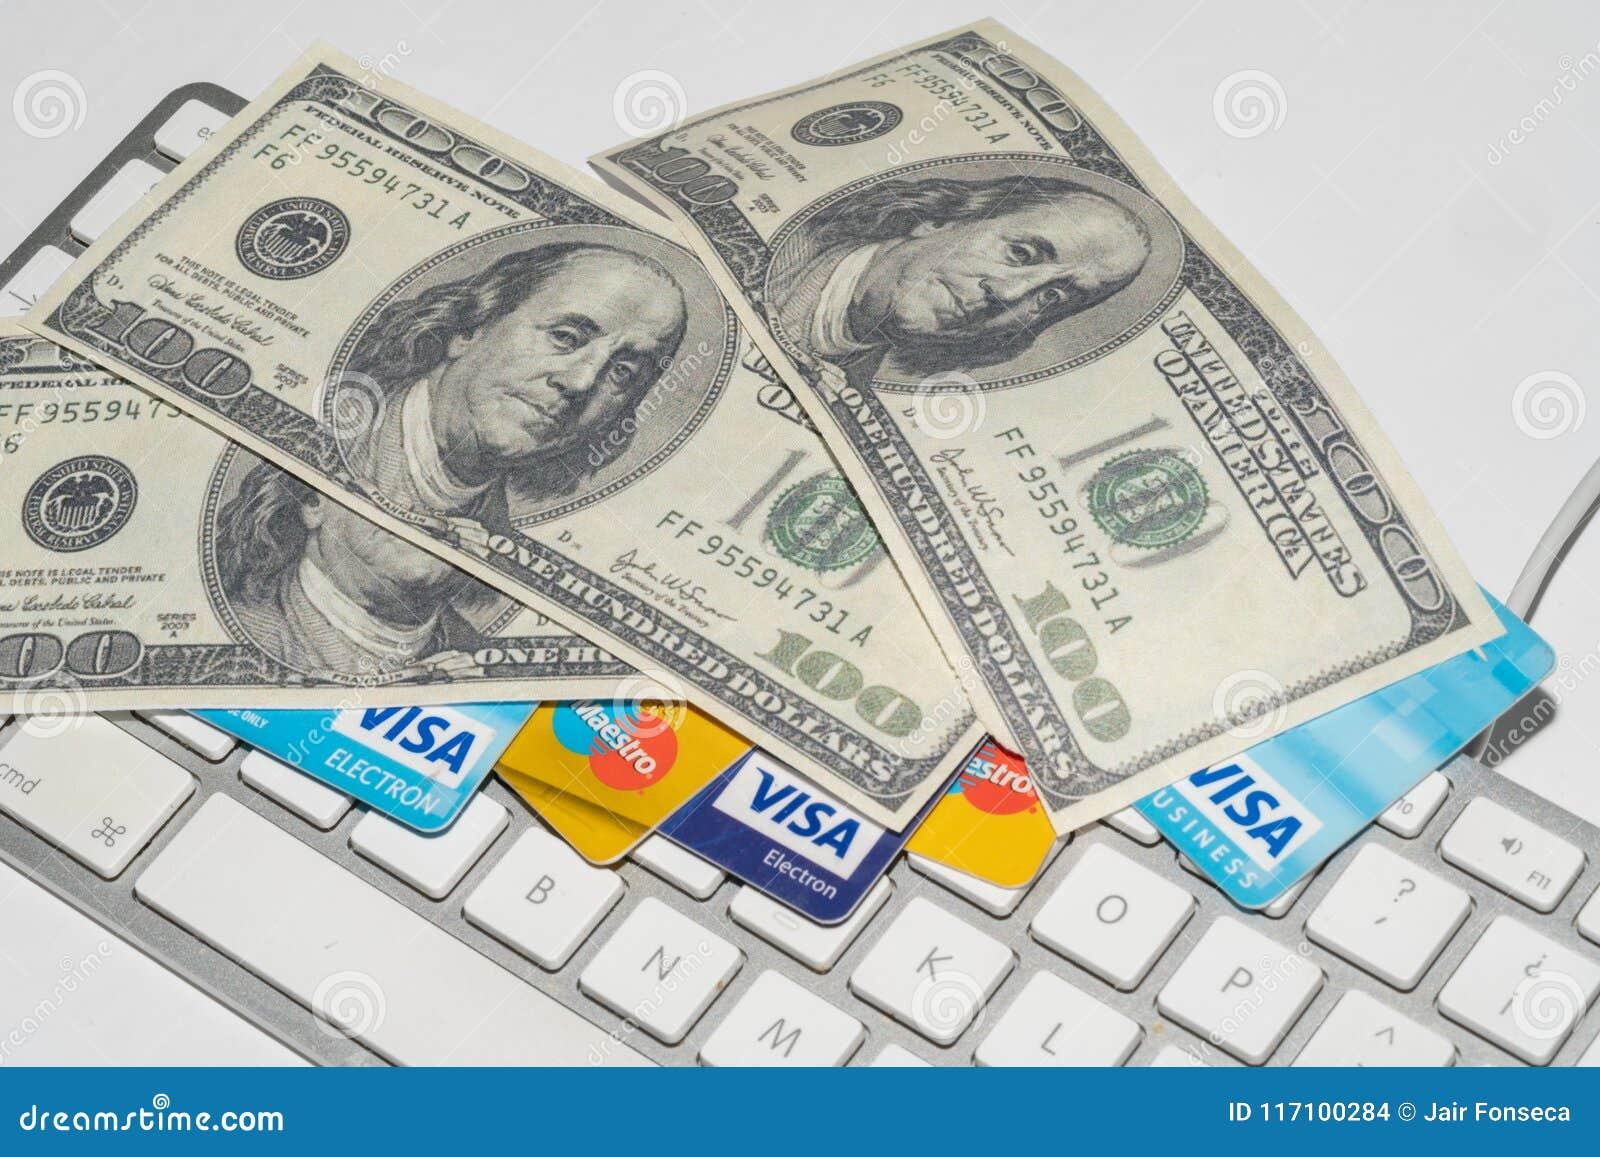 Онлайн коммерция, Ecommerce, кредит и кредитные карточки с долларами и клавиатурой